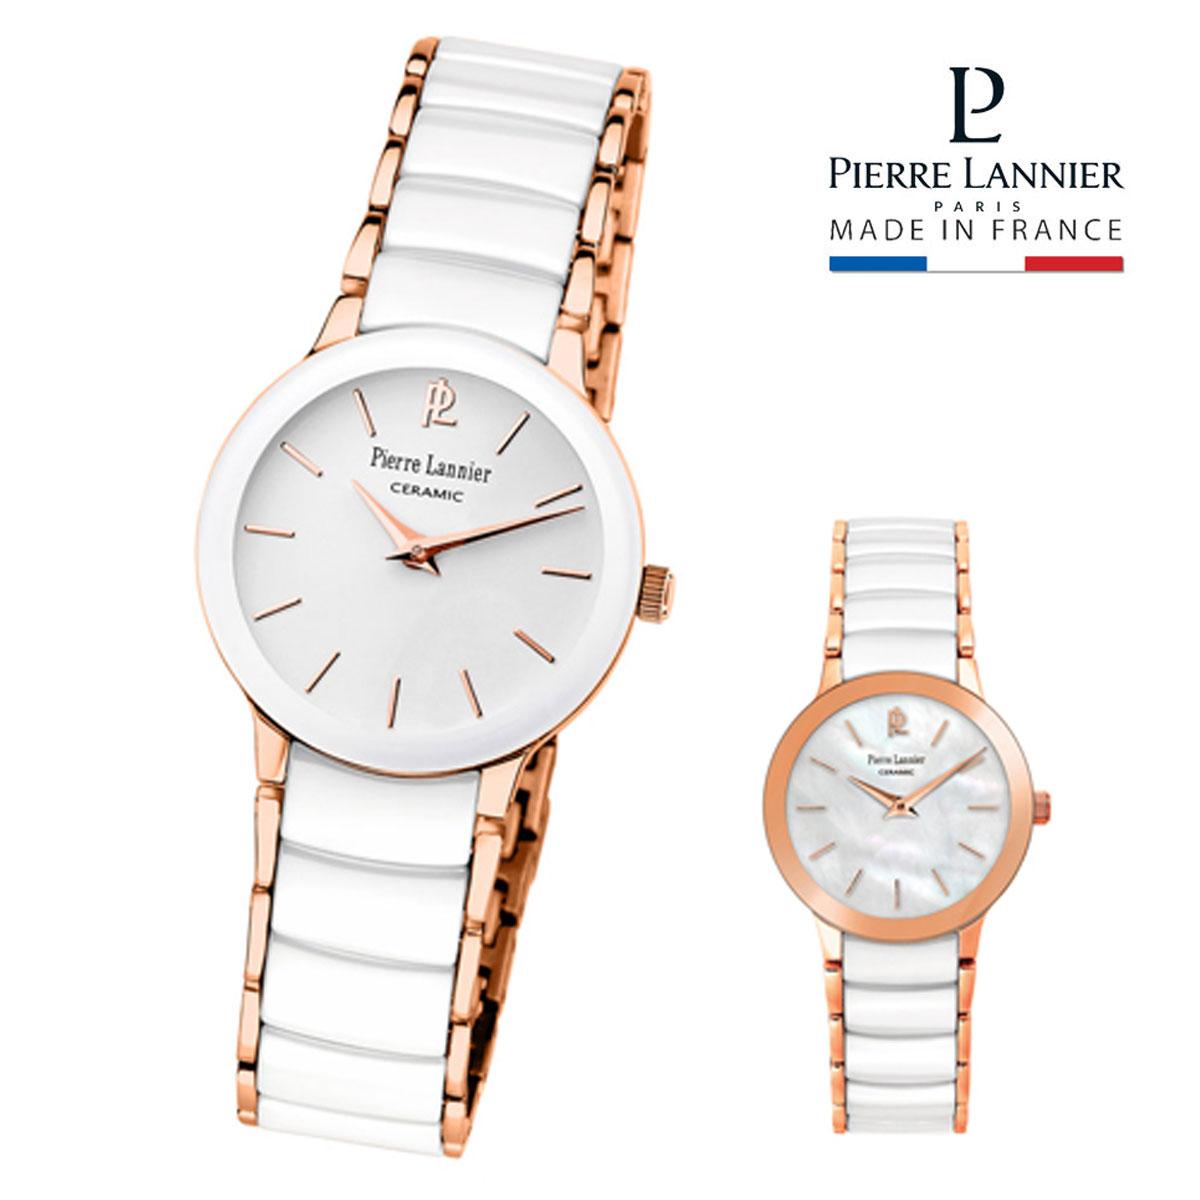 ピエールラニエ セラミック ウォッチ P014Gモデル ピンクゴールド レディース腕時計 セラミック ステンレス シェル文字盤 丸型 防水p014g990 p014g900